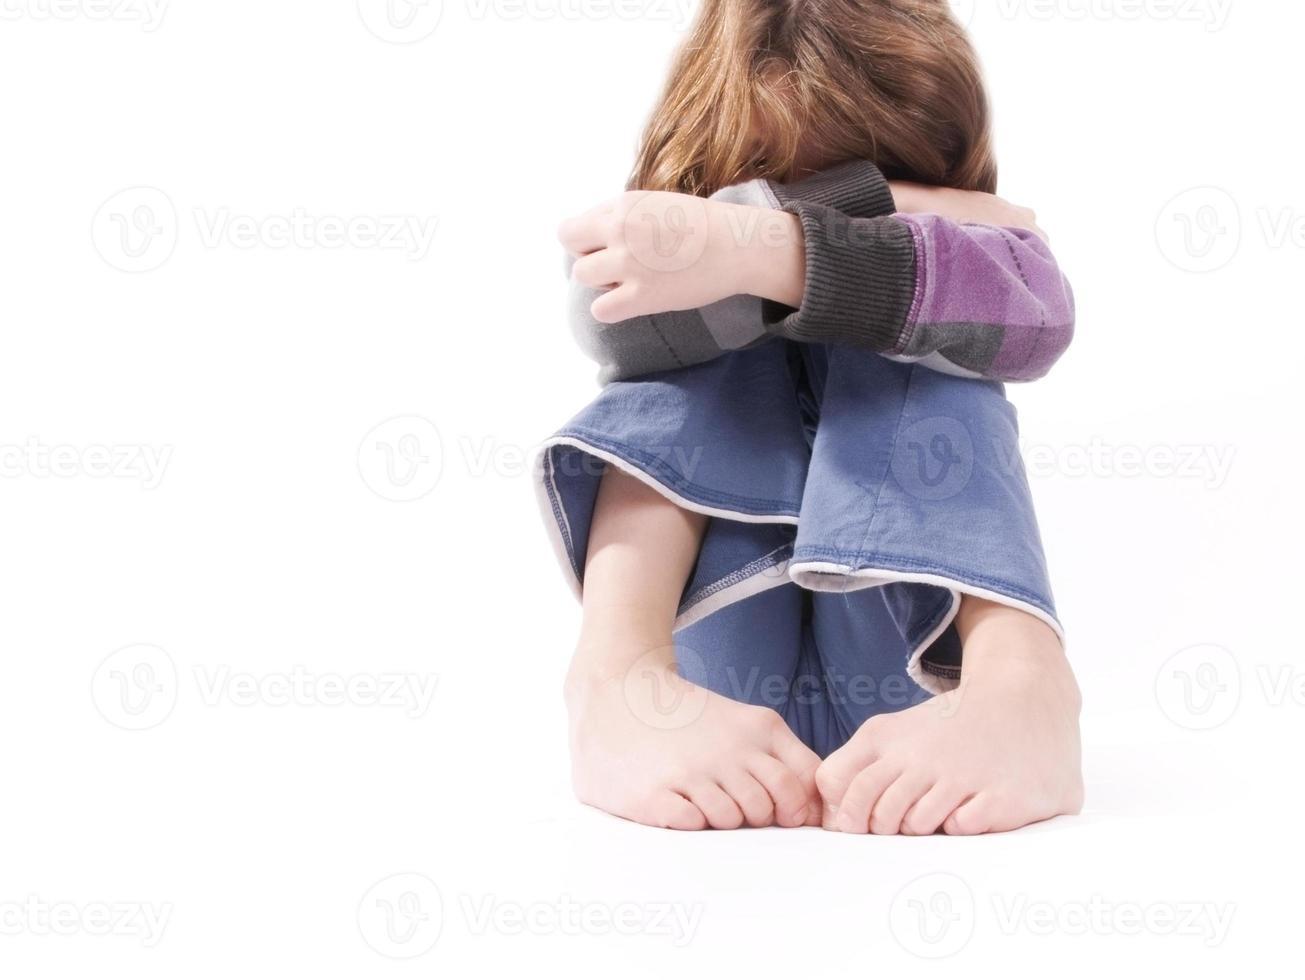 verdrietig kind, voeten in emotionele positie foto